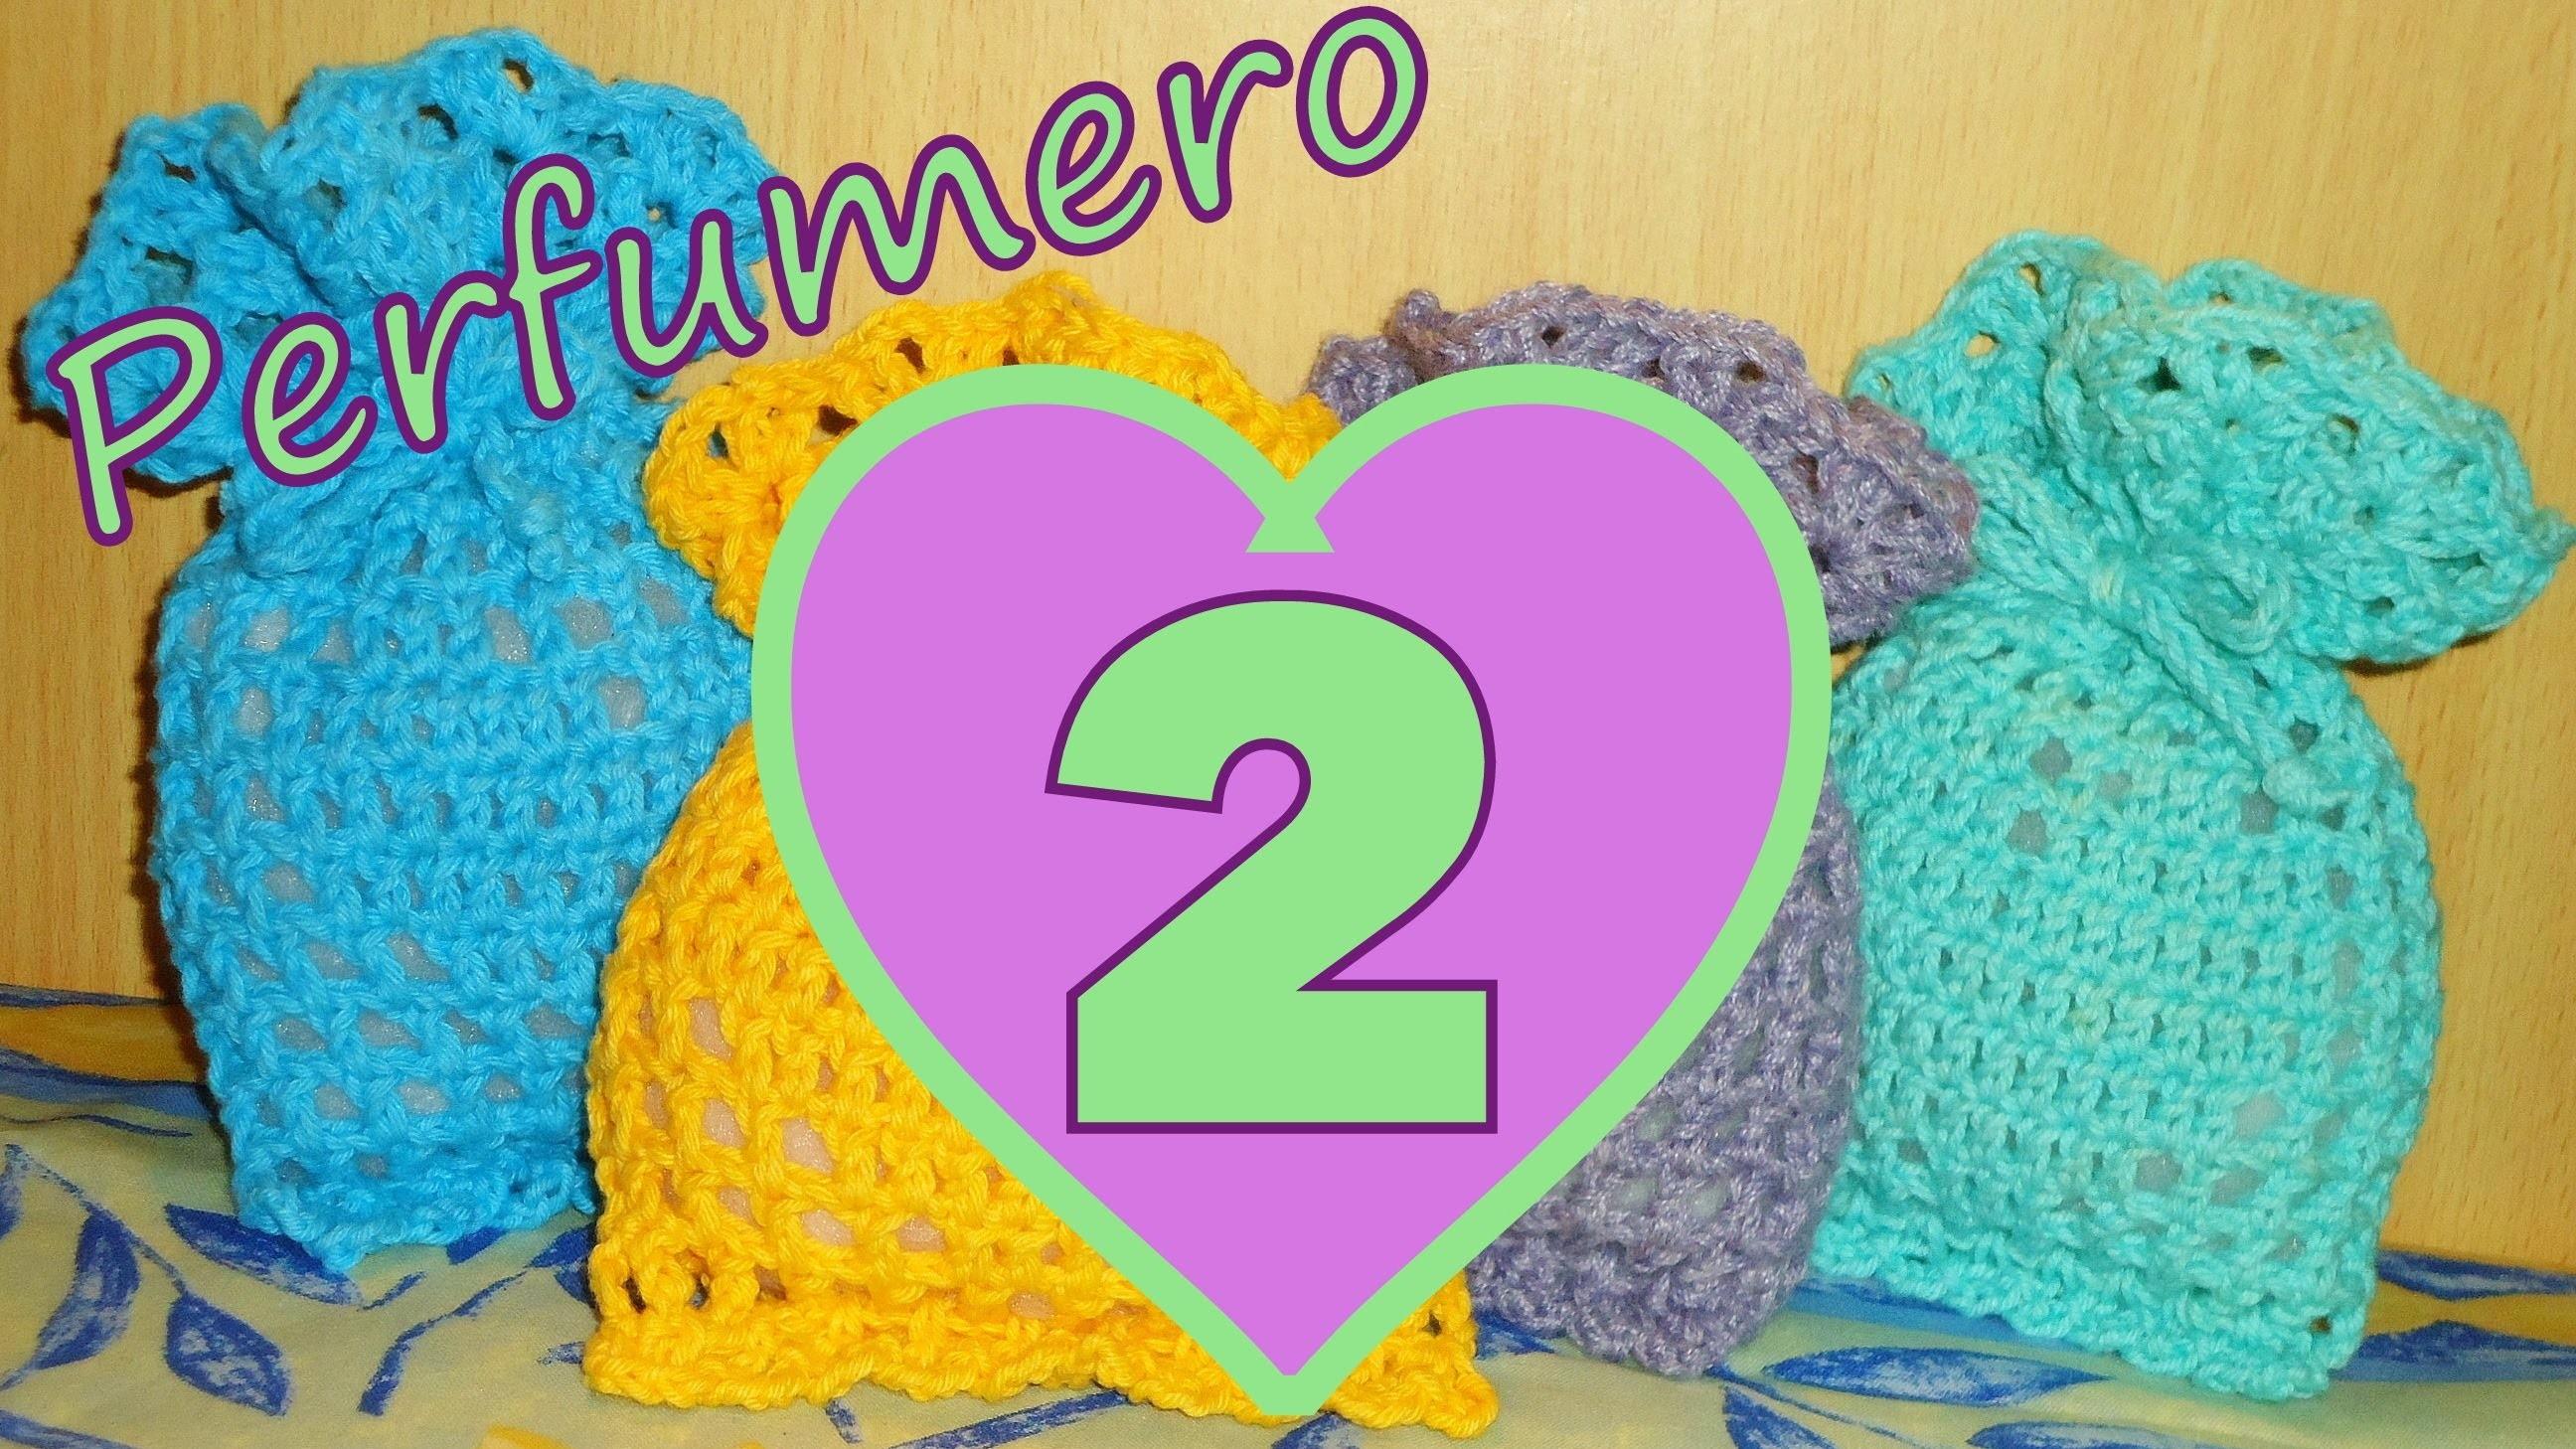 Cómo tejer un perfumero corazón 2° parte (filet crochet perfume heart) -tejido para zurdos-